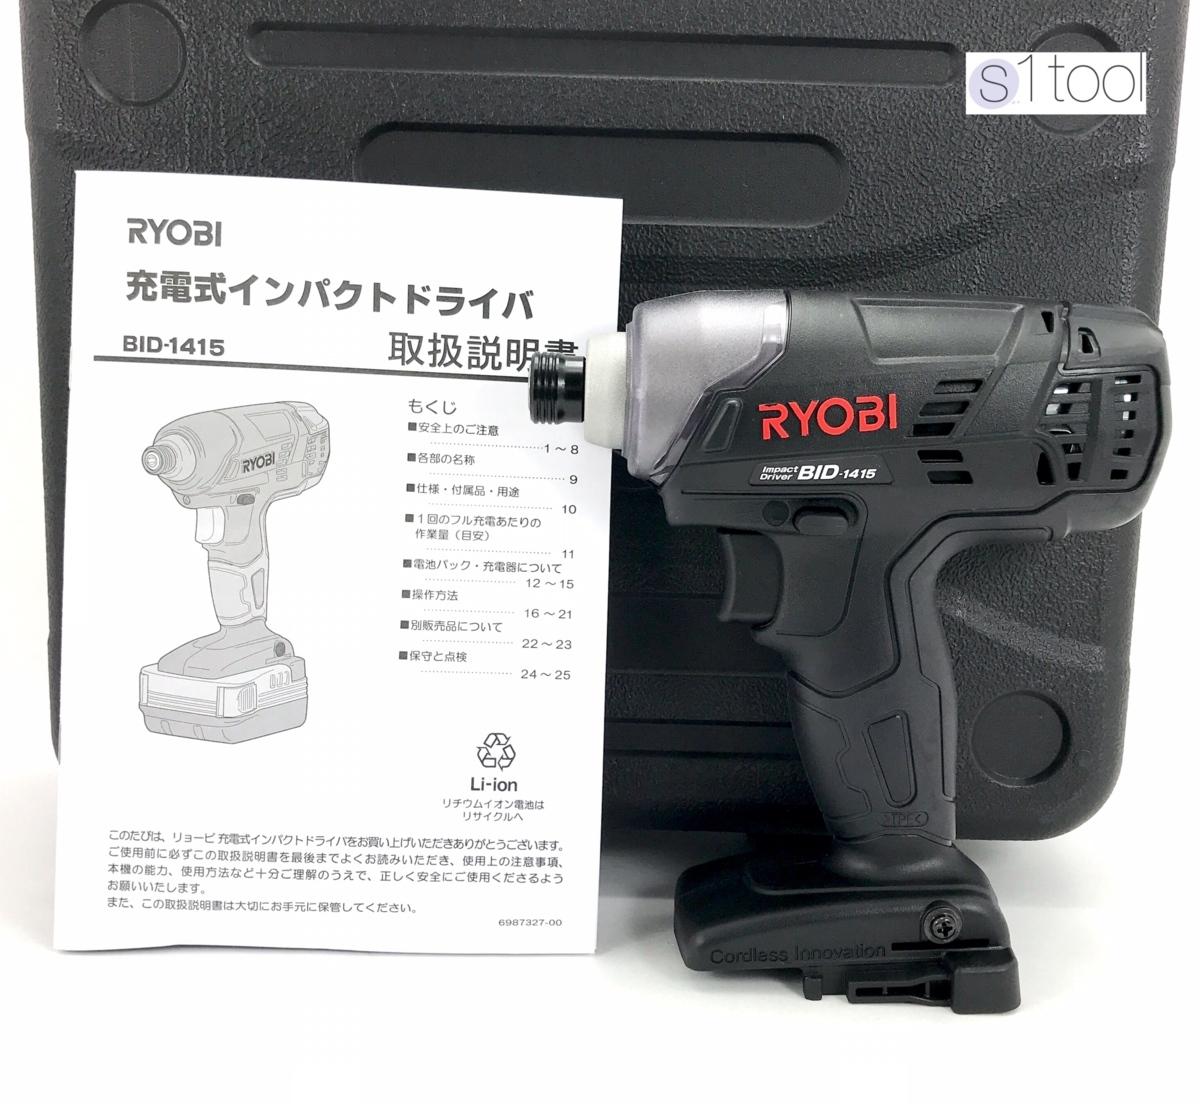 新品 リョービ BID-1415 充電式インパクトドライバー 本体のみ 14.4V + ケース ( 京セラ 未使用 本体 RYOBI インパクト コードレス )_画像1